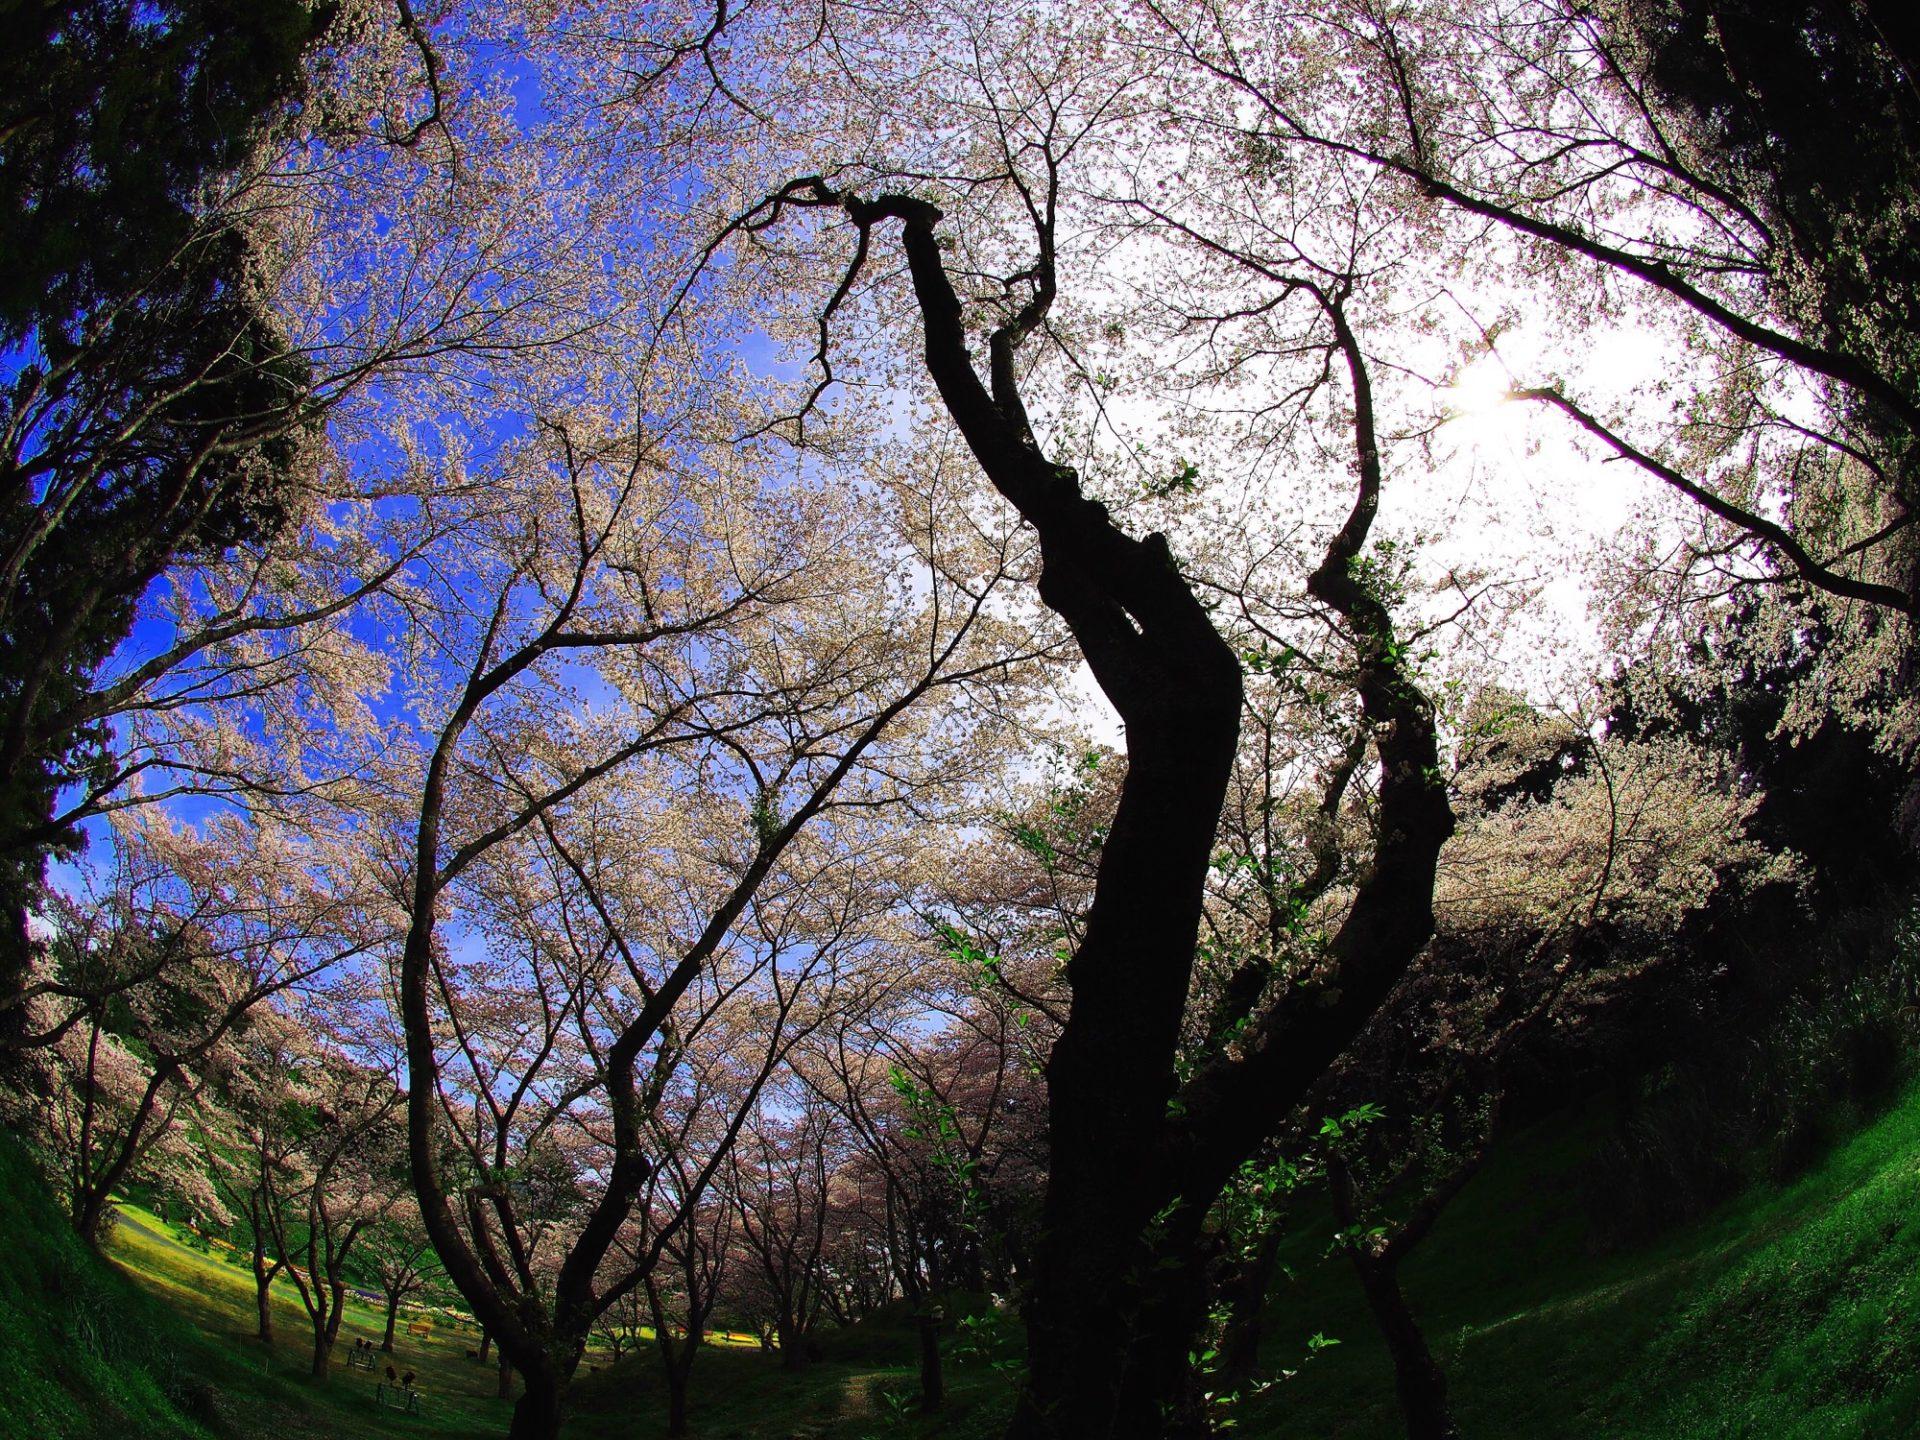 桜の季節でございます